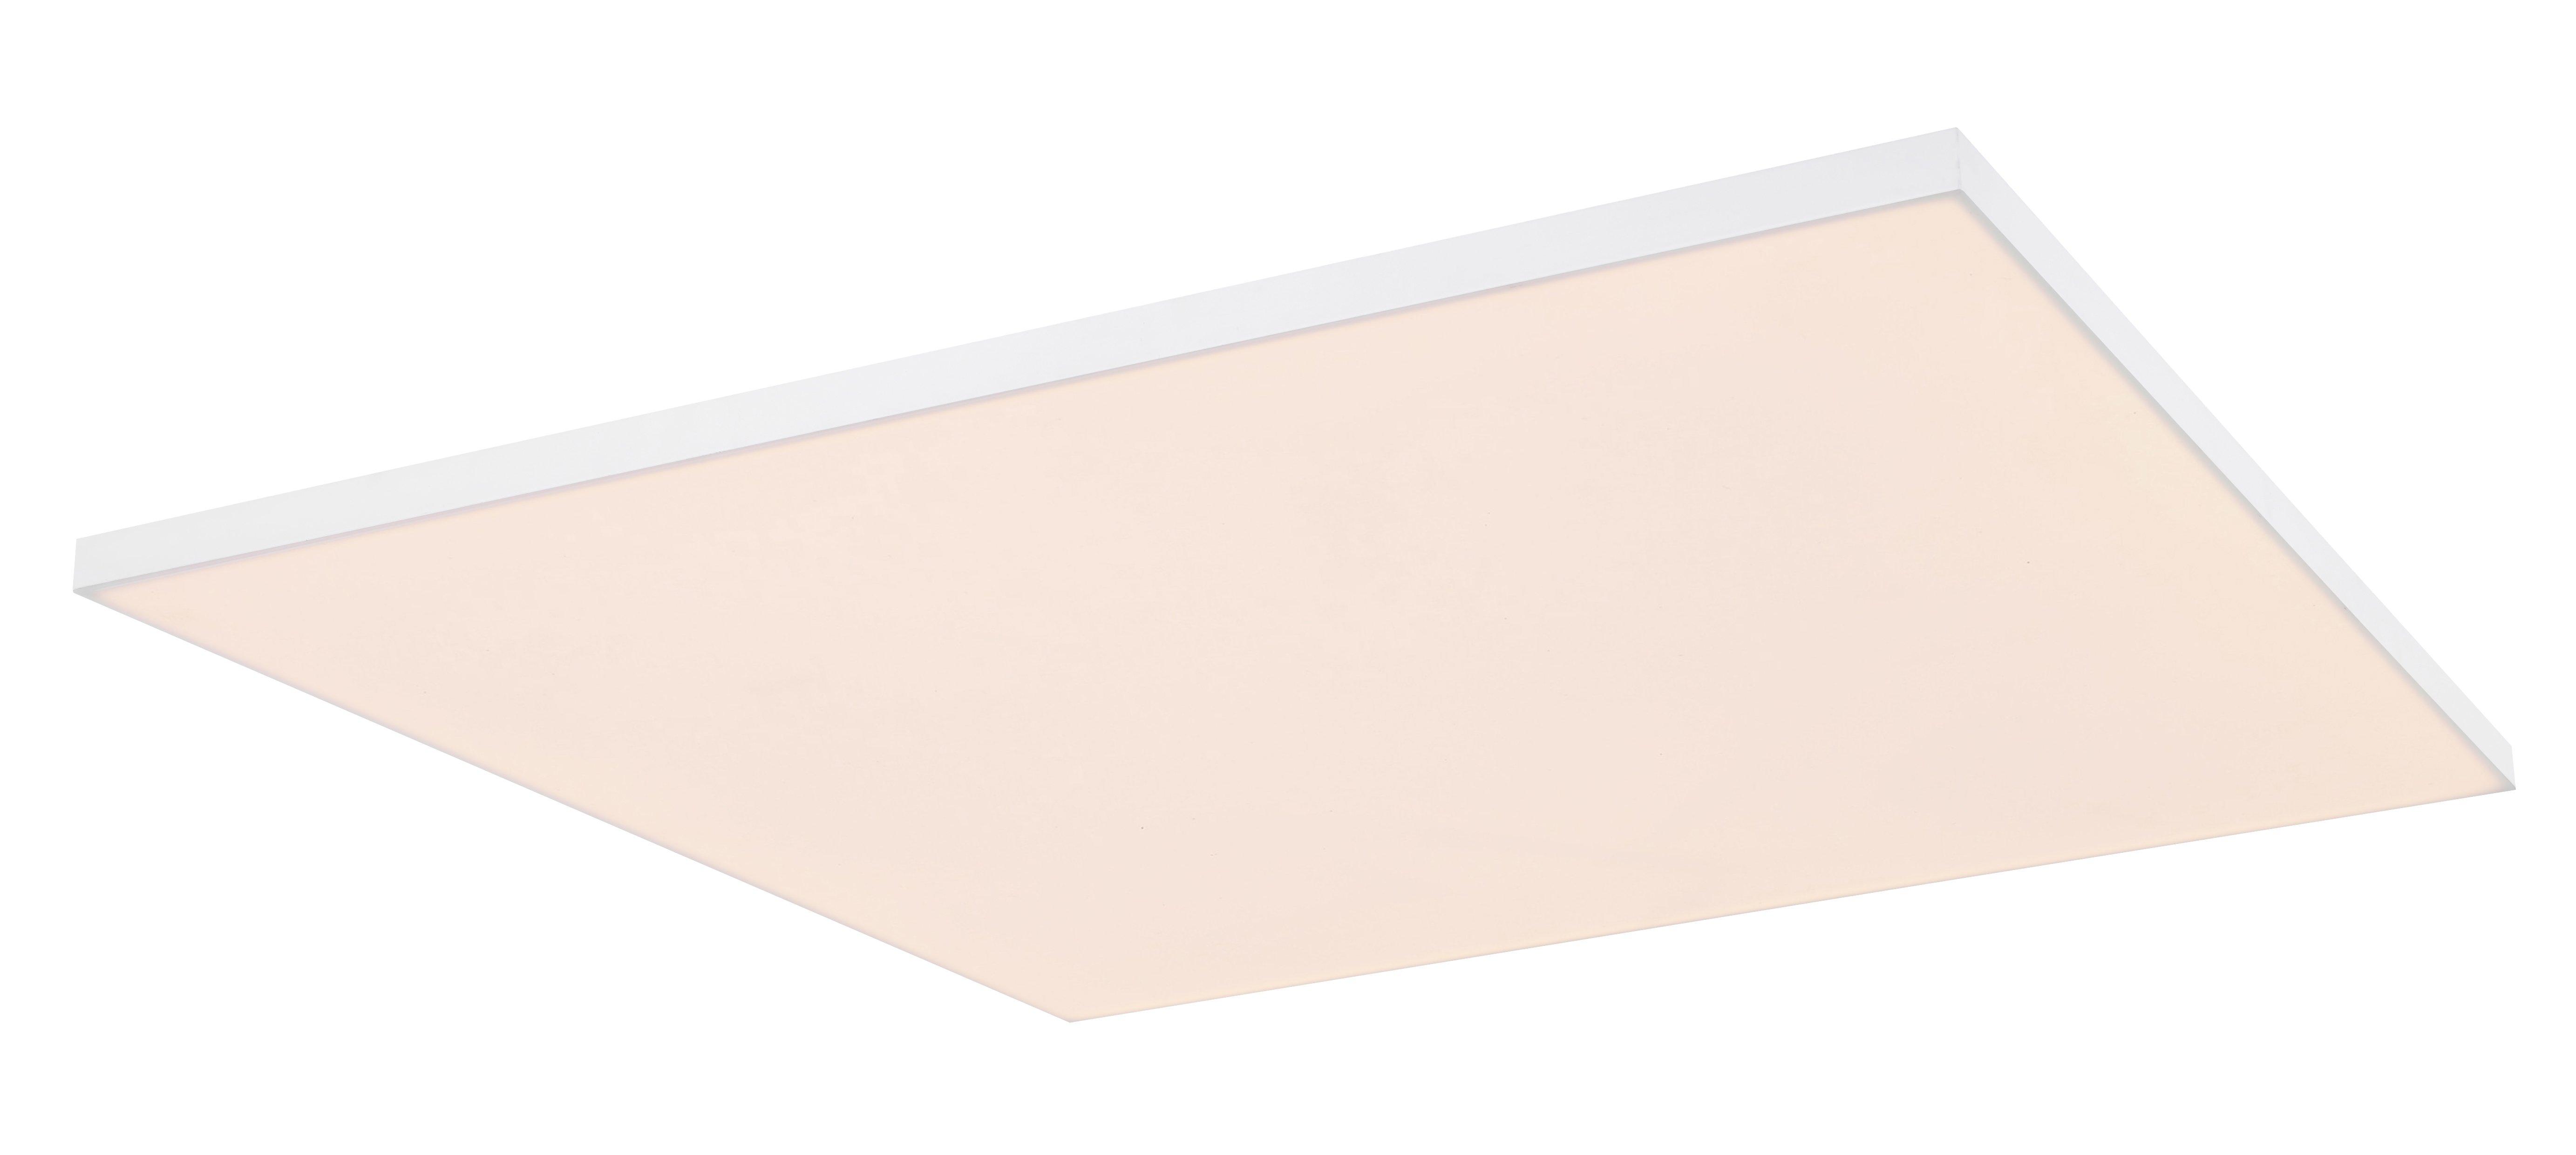 Deckl., 1-flg., 2100 lm, 30x5, Weiß